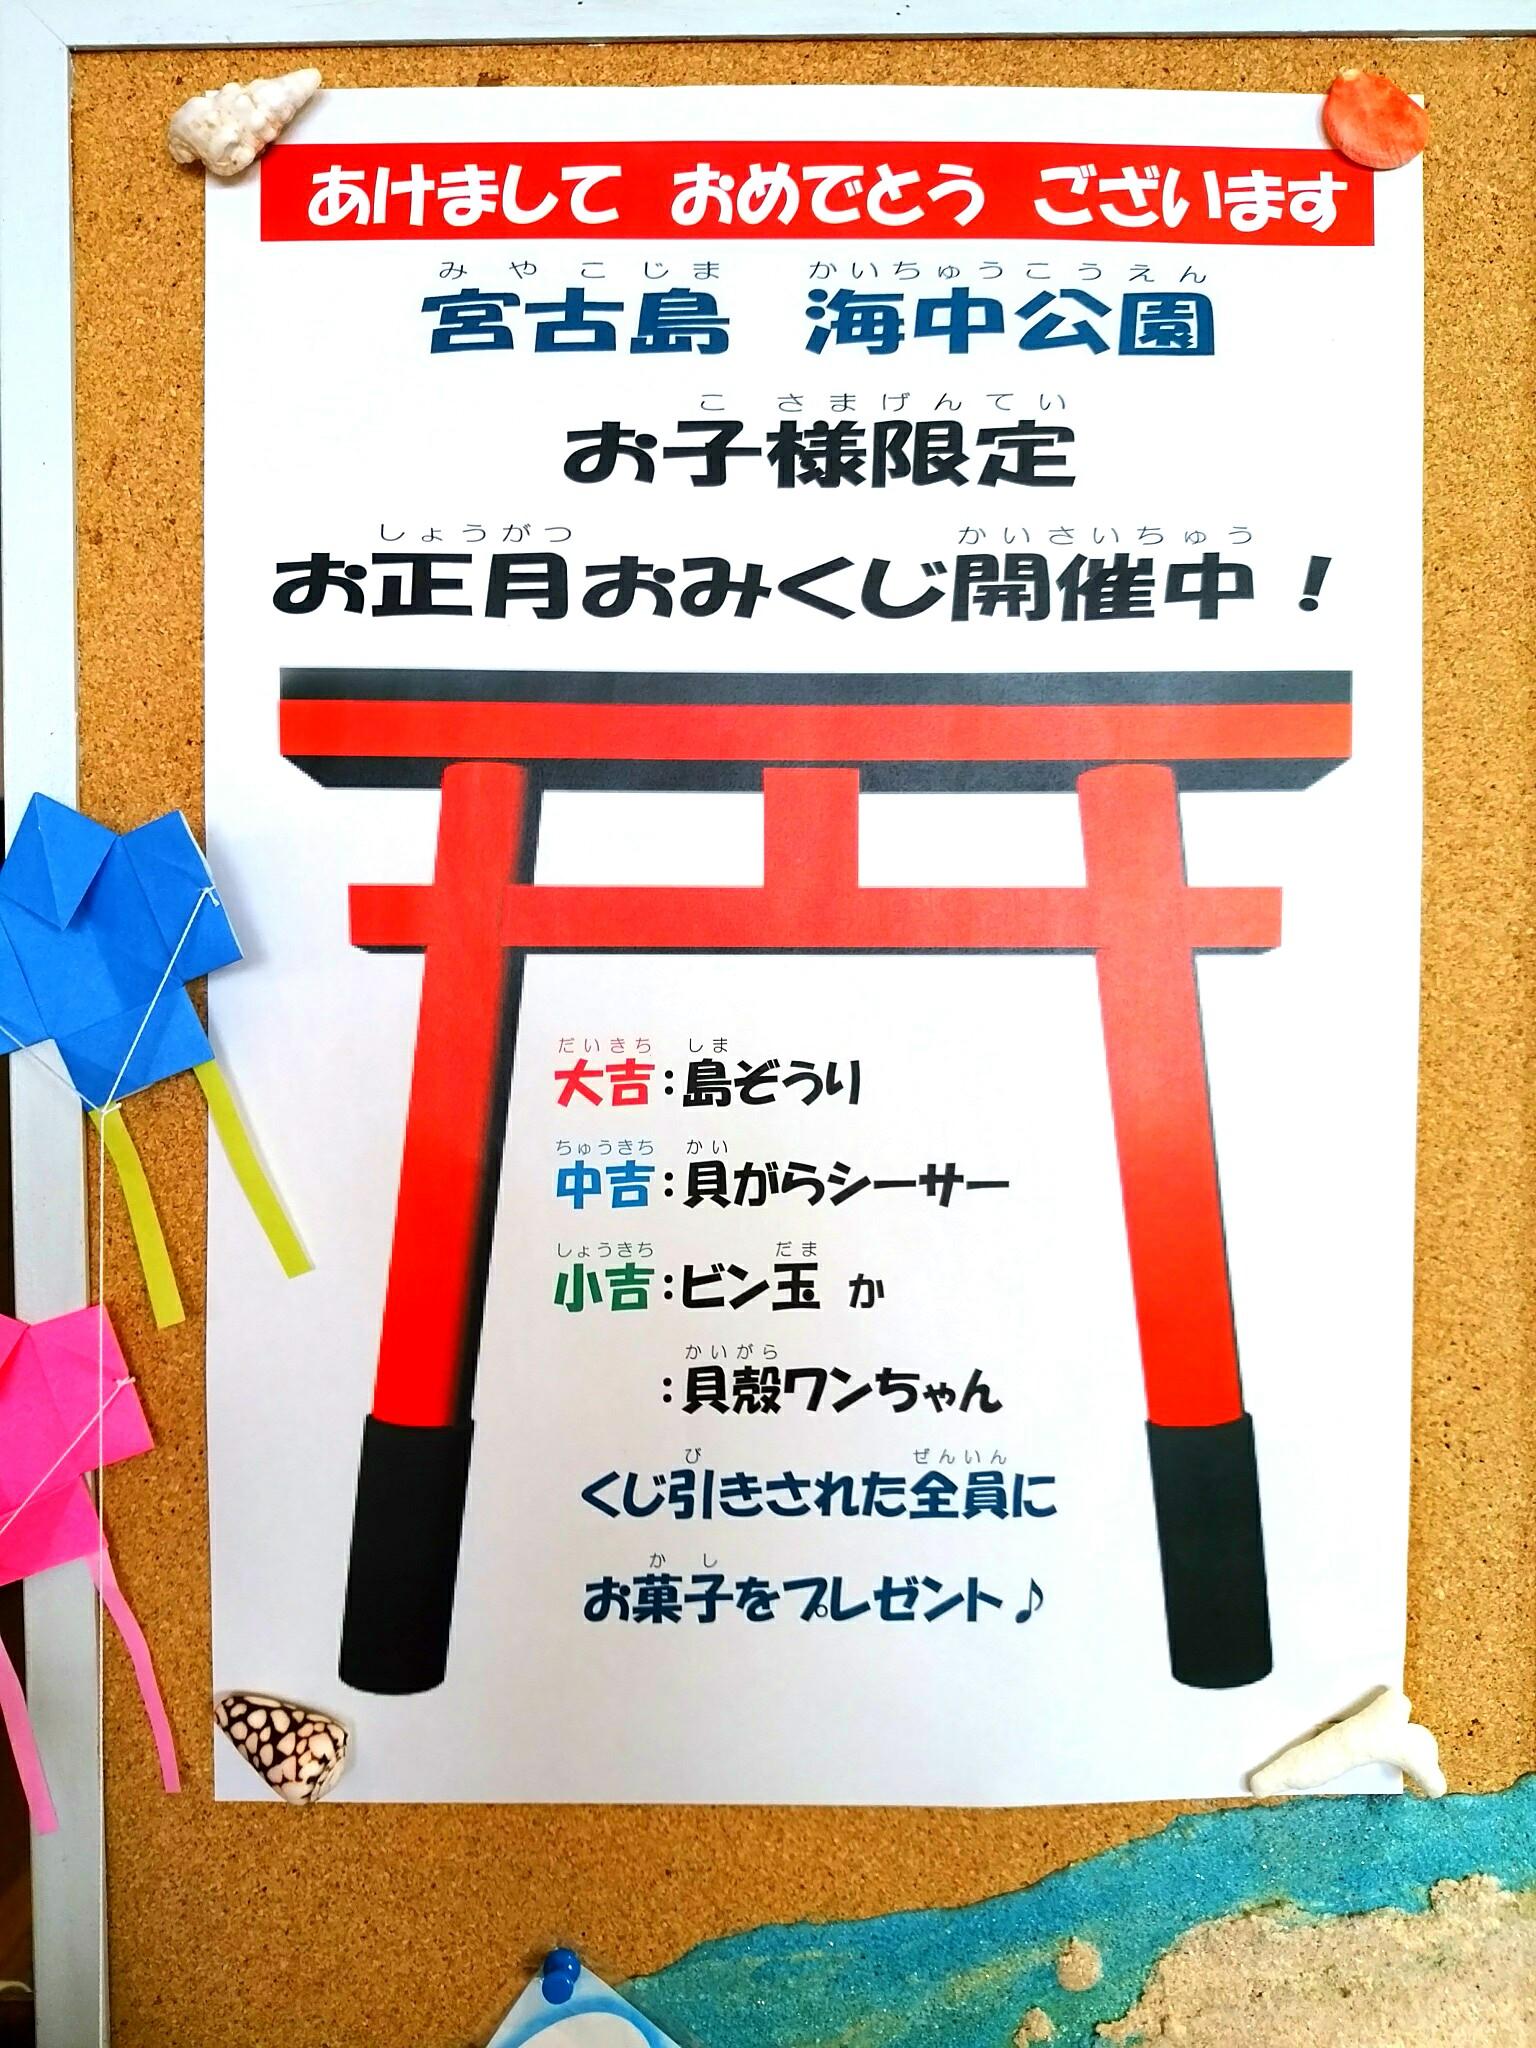 http://miyakojima-kaichukoen.com/blog/upload_images/IMG_20180103_090718.jpg